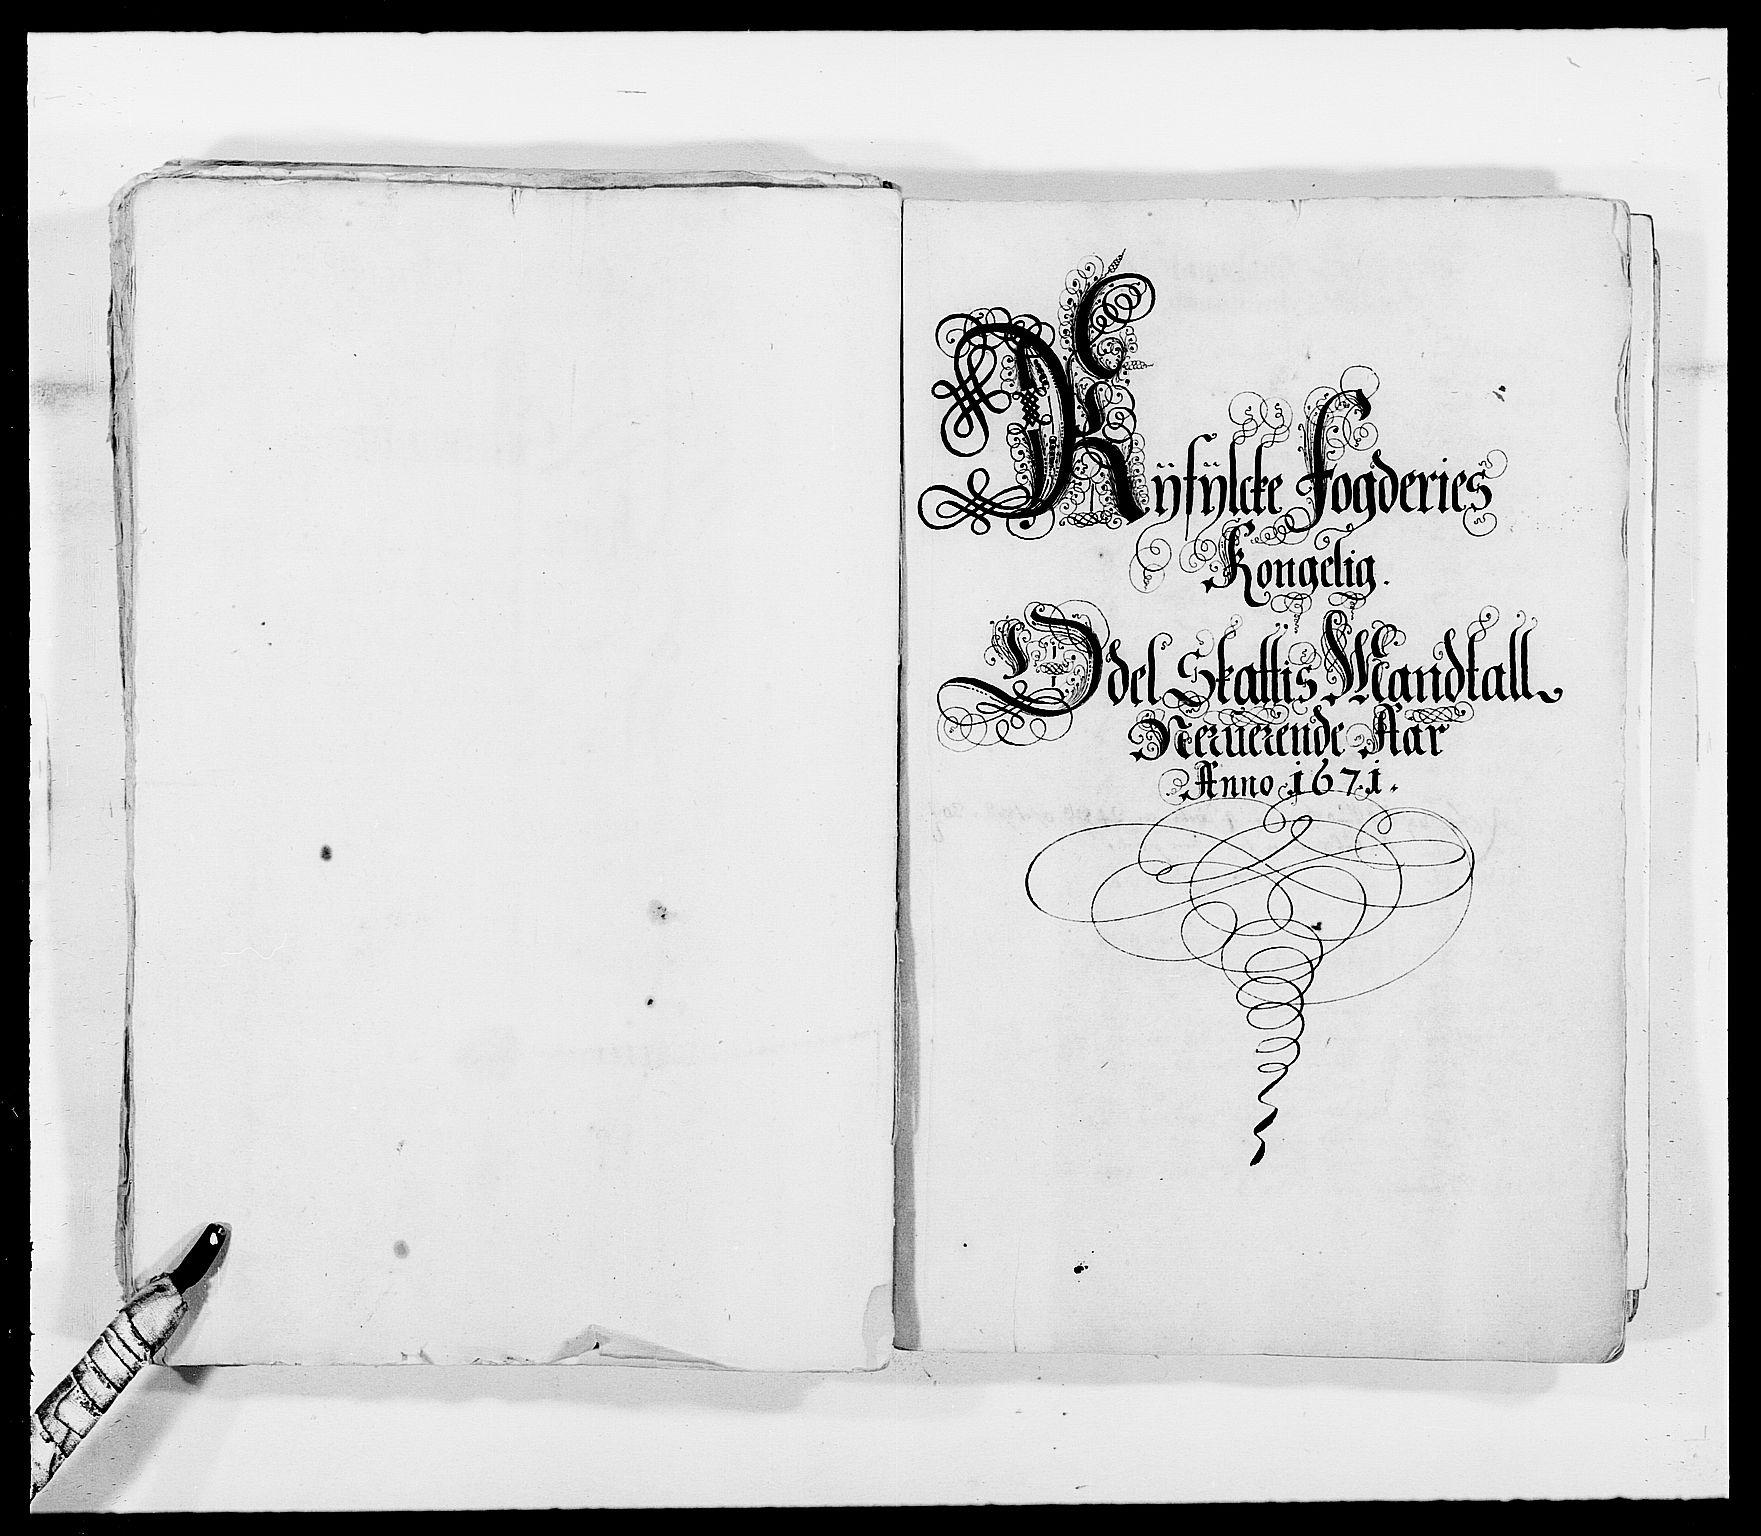 RA, Rentekammeret inntil 1814, Reviderte regnskaper, Fogderegnskap, R47/L2843: Fogderegnskap Ryfylke, 1670-1671, s. 316